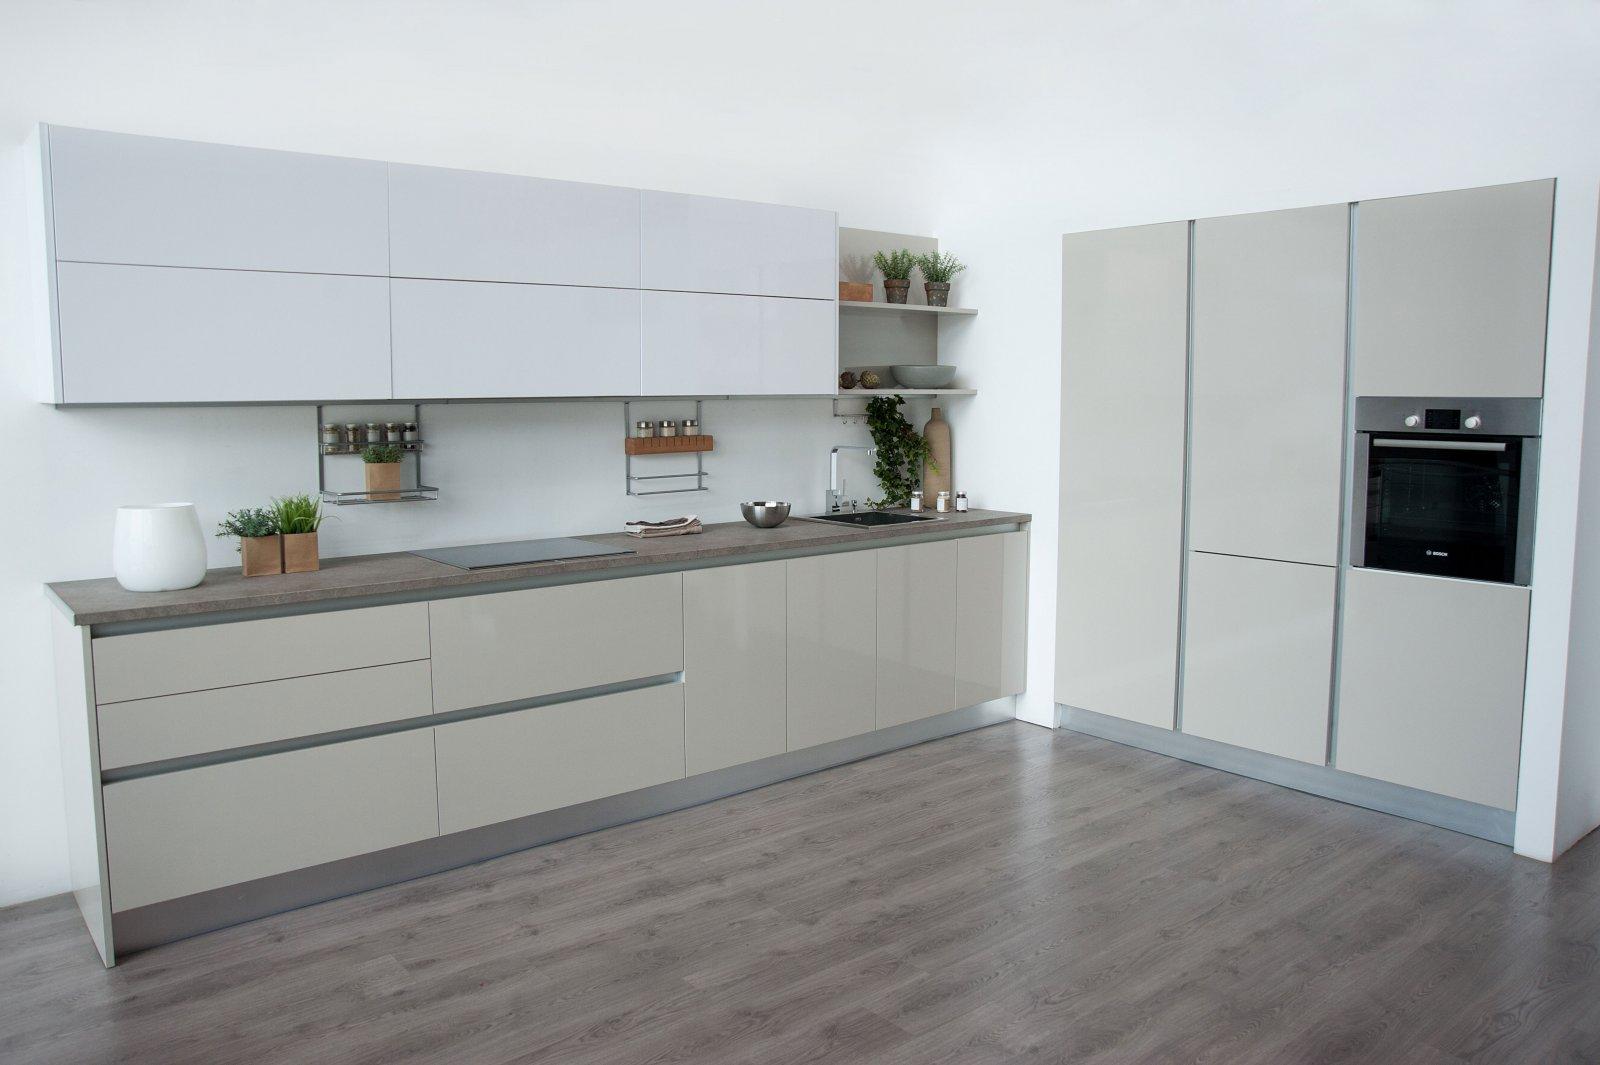 Crea tu cocina a medida con tpc cocinas decoraci n del hogar for Cocinas modernas blancas precios